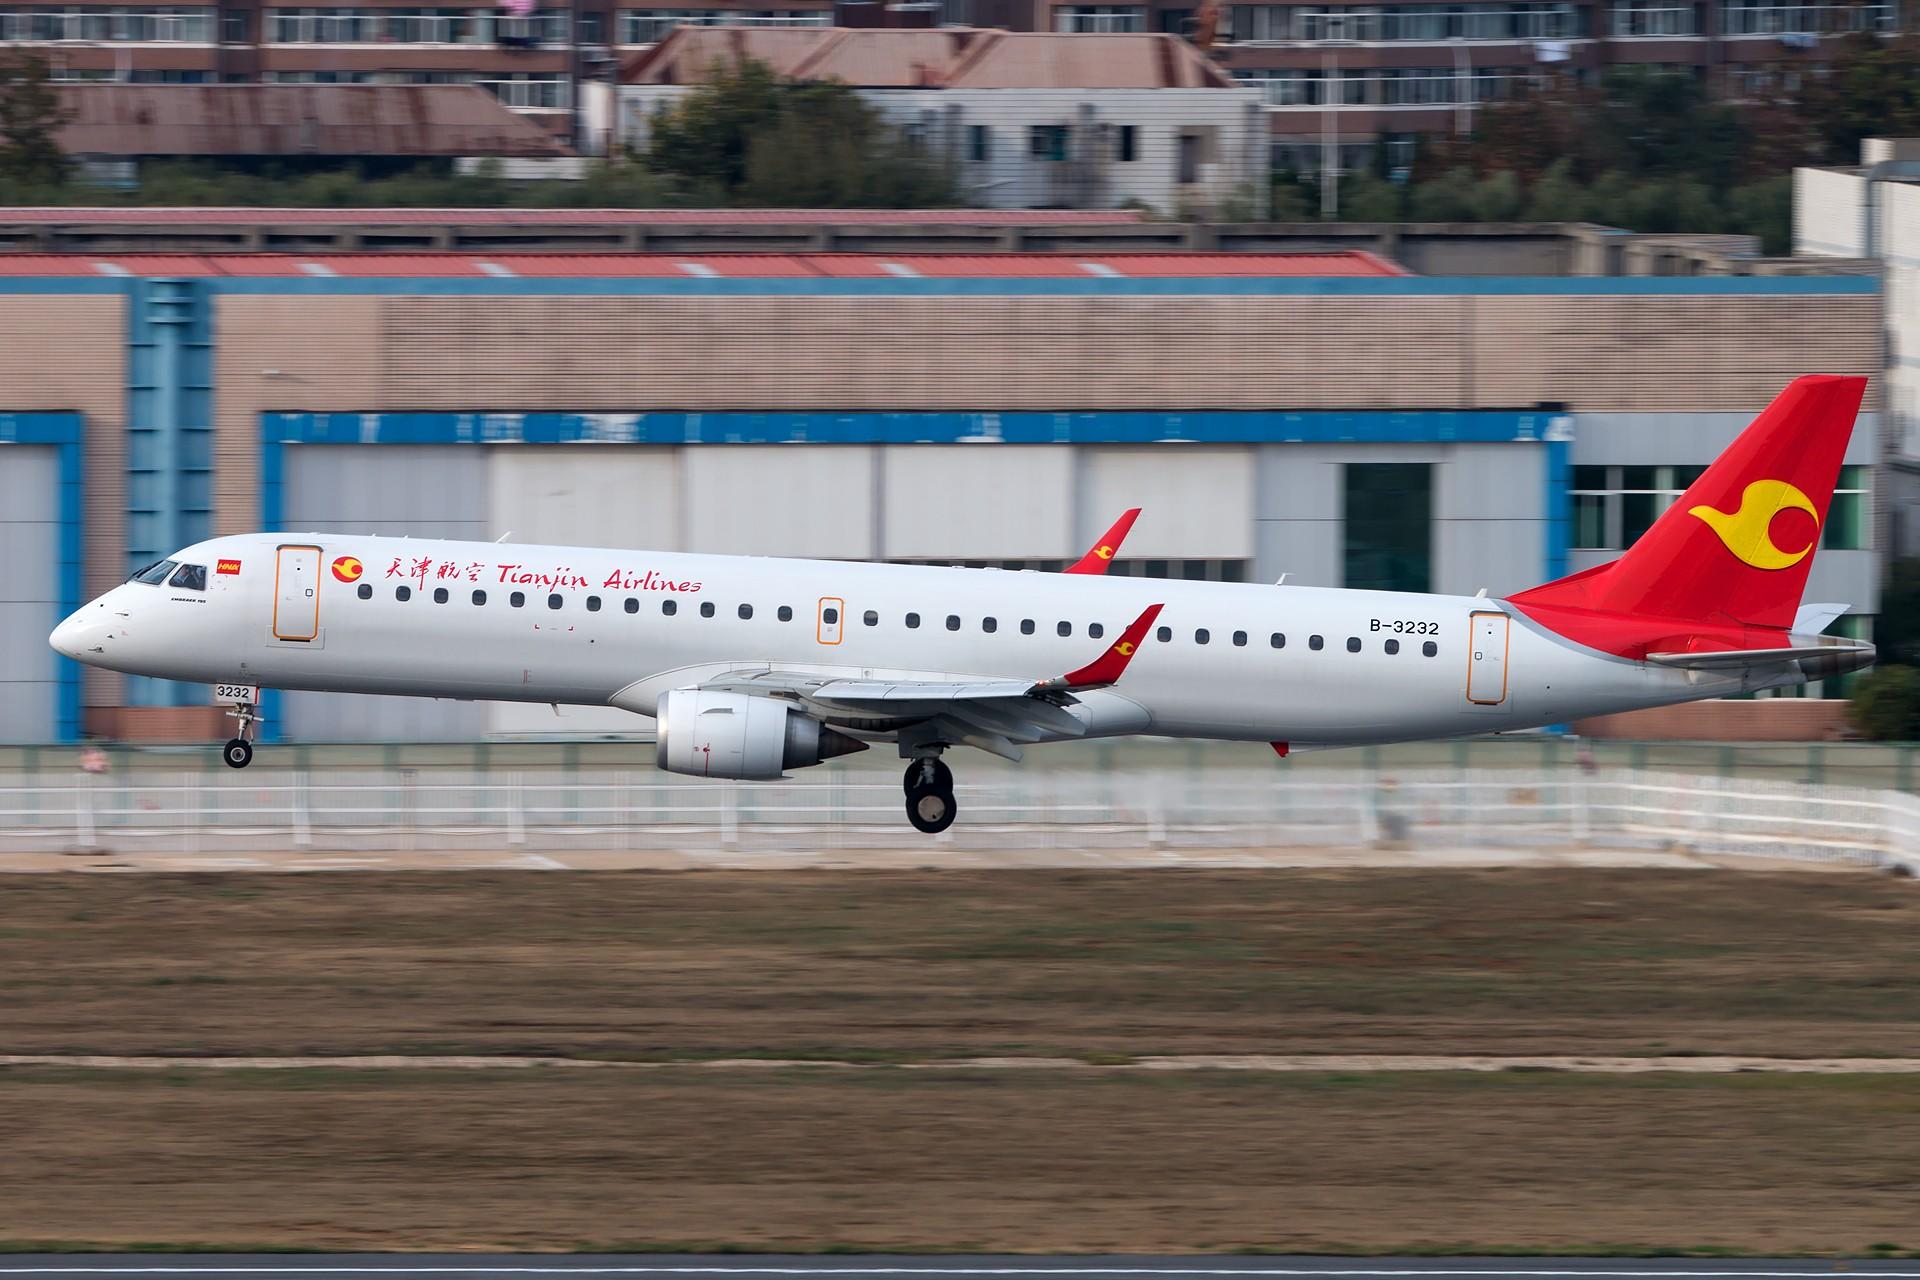 [原创][一图党]天津航空 ERJ195LR B-3232 1920*1280 EMBRAER ERJ-195LR (ERJ-190-200 LR) B-3232 中国大连国际机场